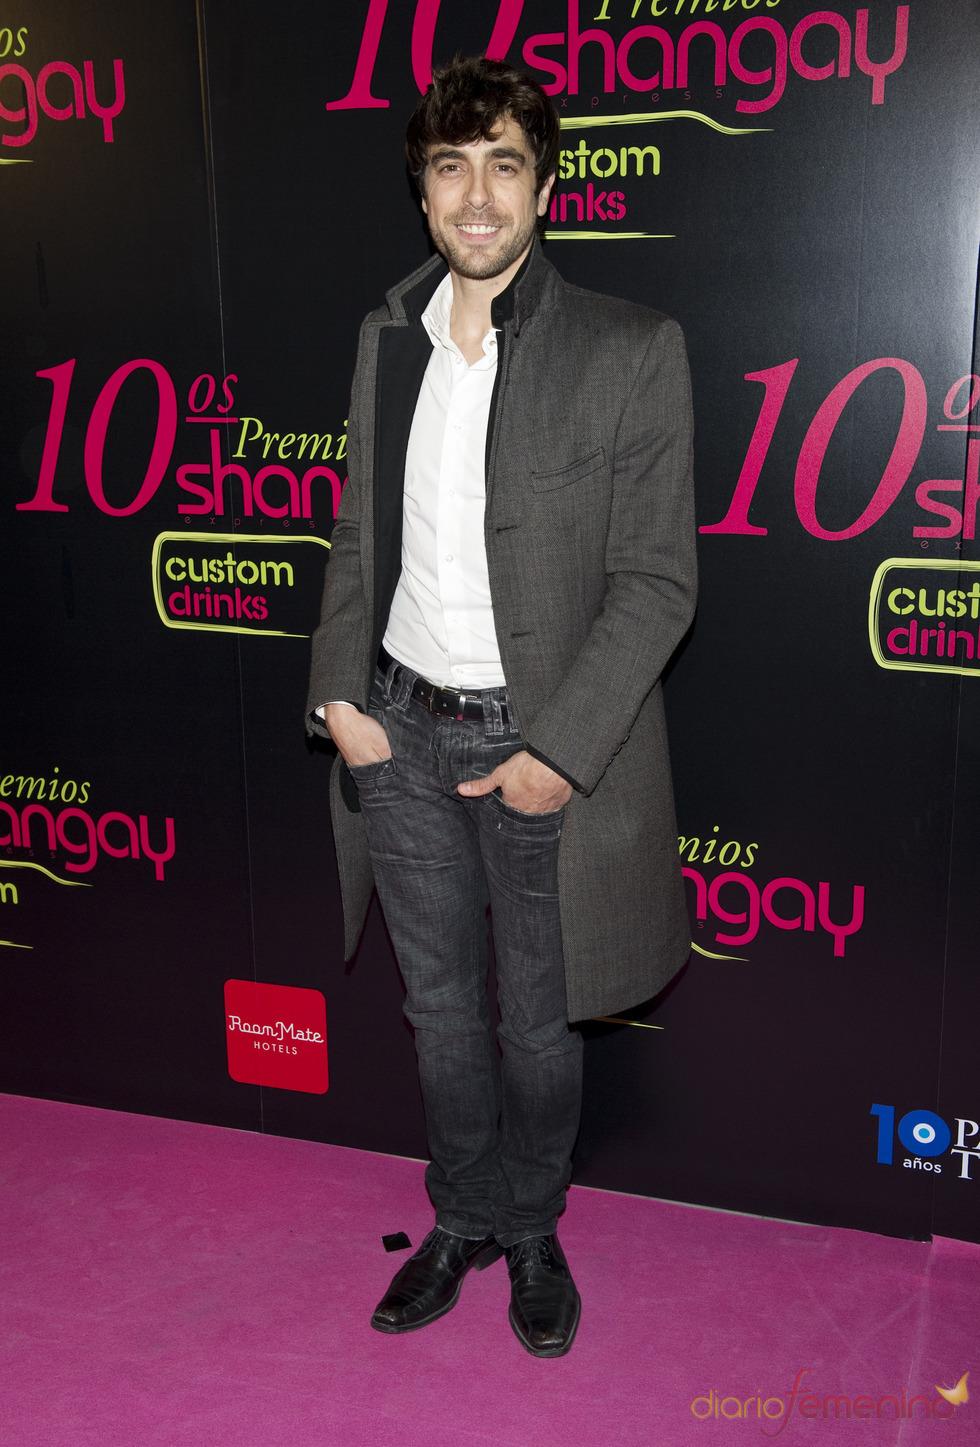 Agustín Galiana en los Premios Shangay 2010